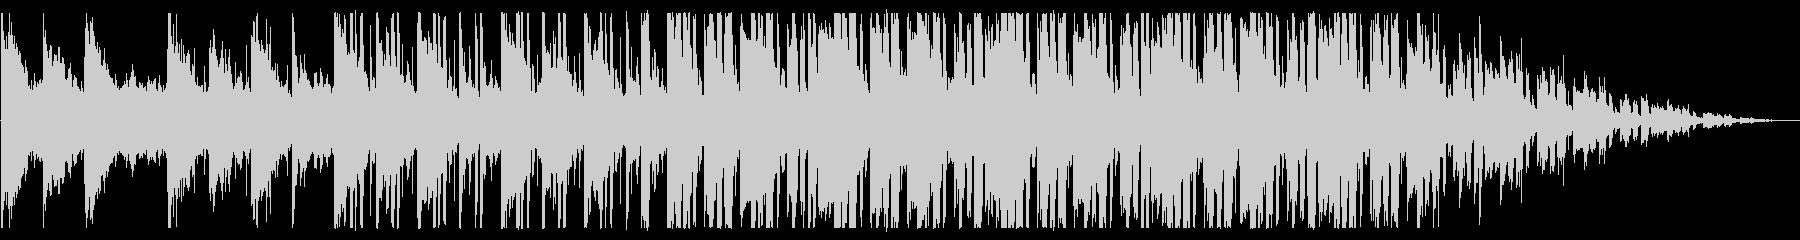 浮遊感/孤独/R&B_No437_3の未再生の波形